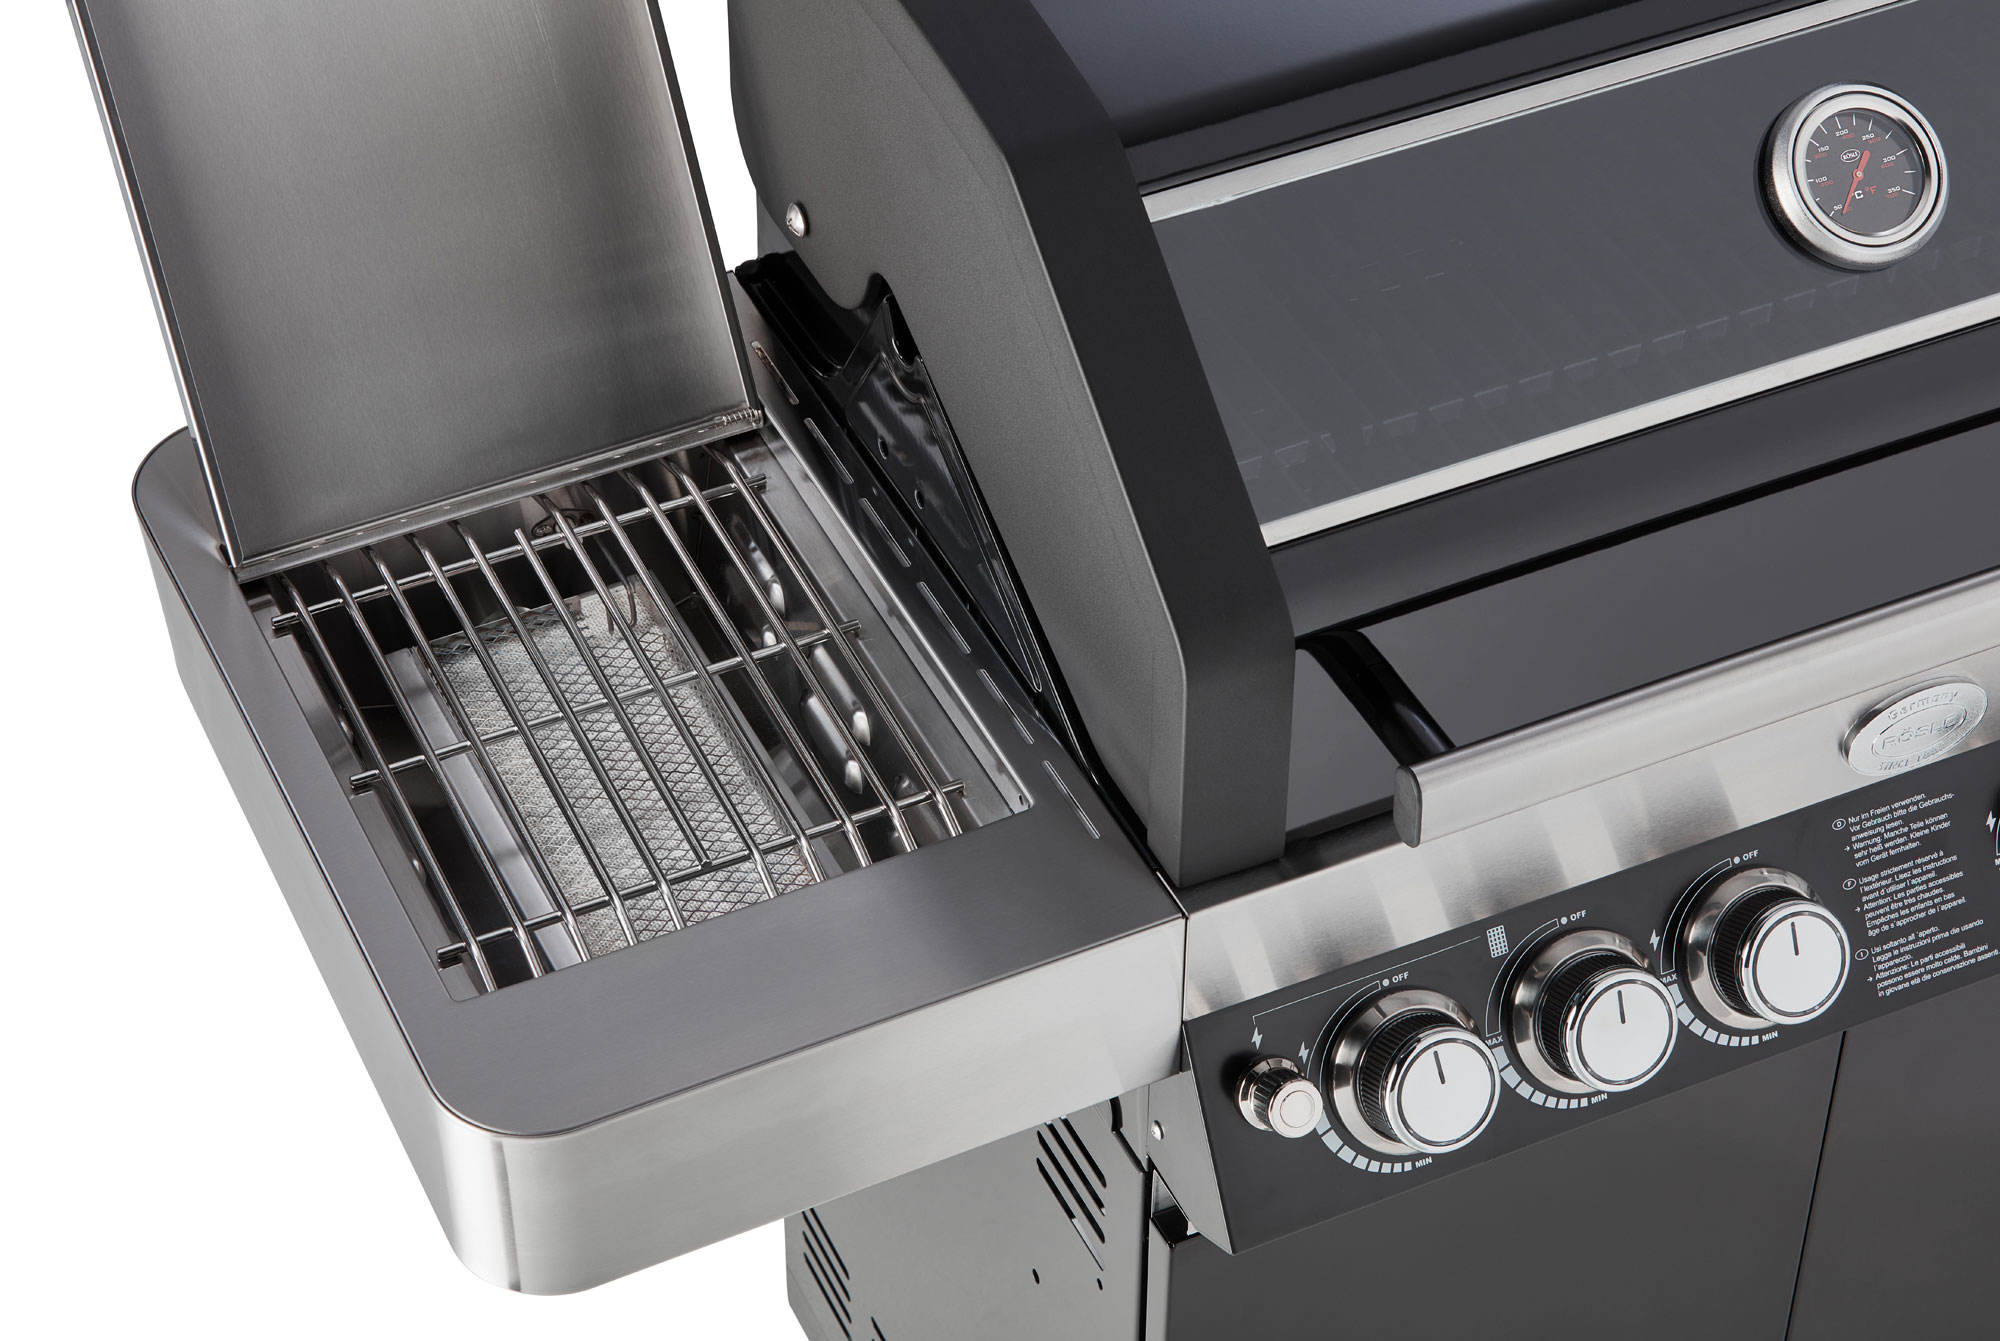 Rösle Gasgrill : Gasgrill grillwagen rösle bbq station videro g s schwarz mit